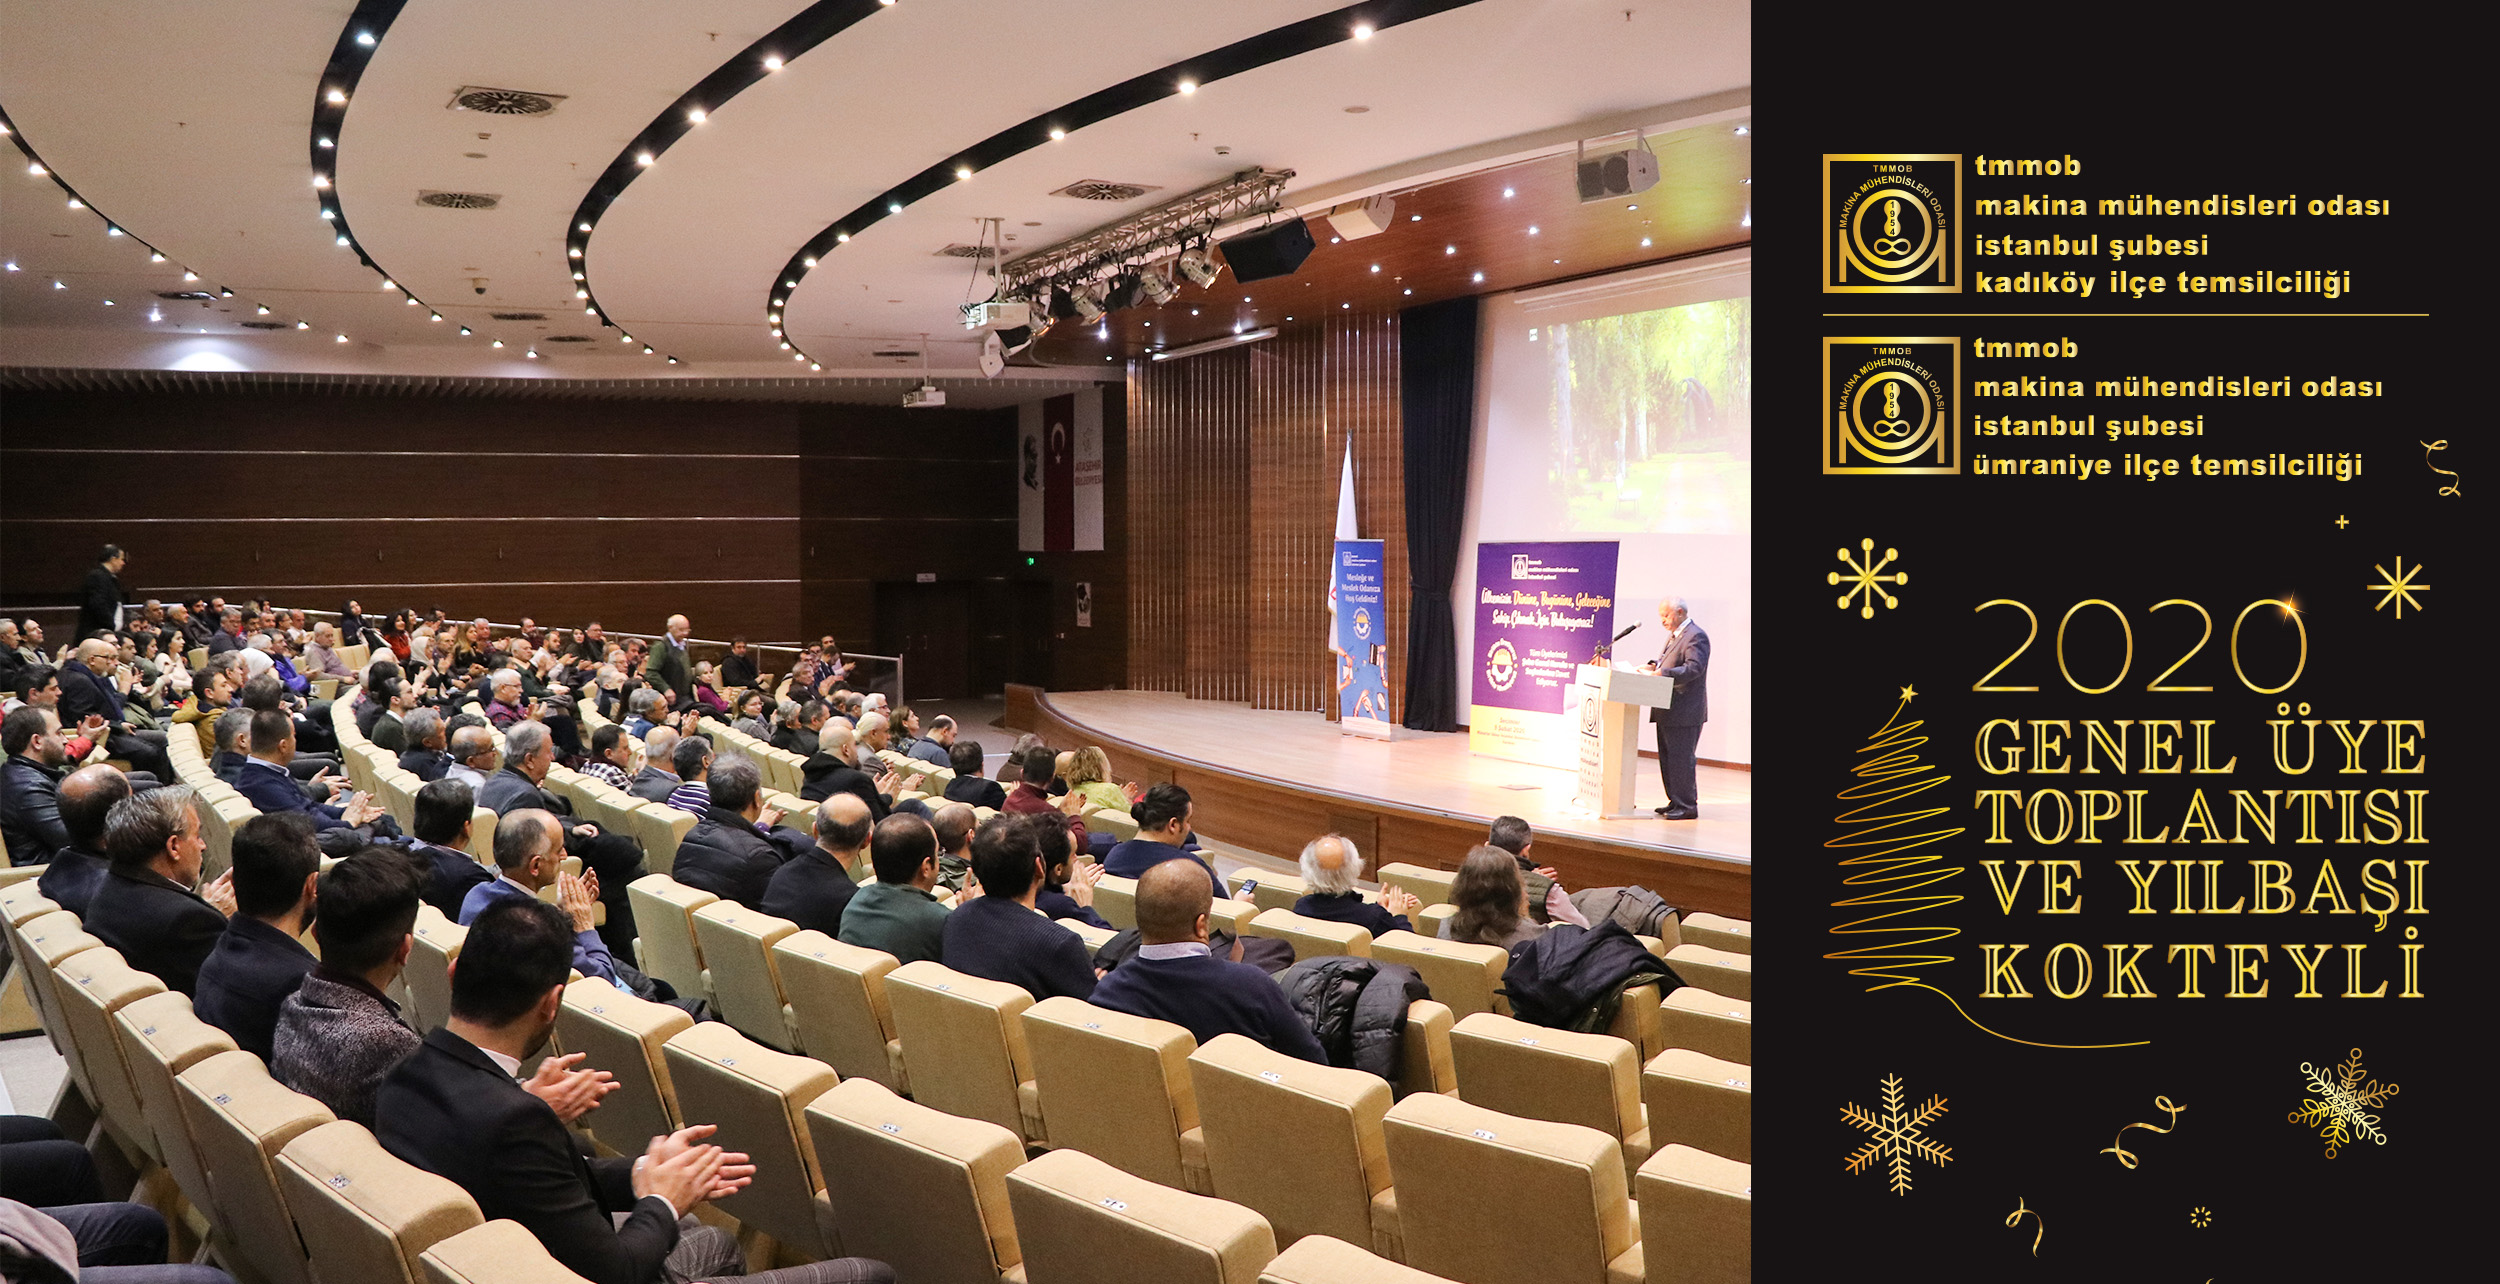 Kadıköy-Ümraniye Temsilcilik Genel Üye Toplantısı ve Yılbaşı Kokteylimiz Gerçekleştirildi